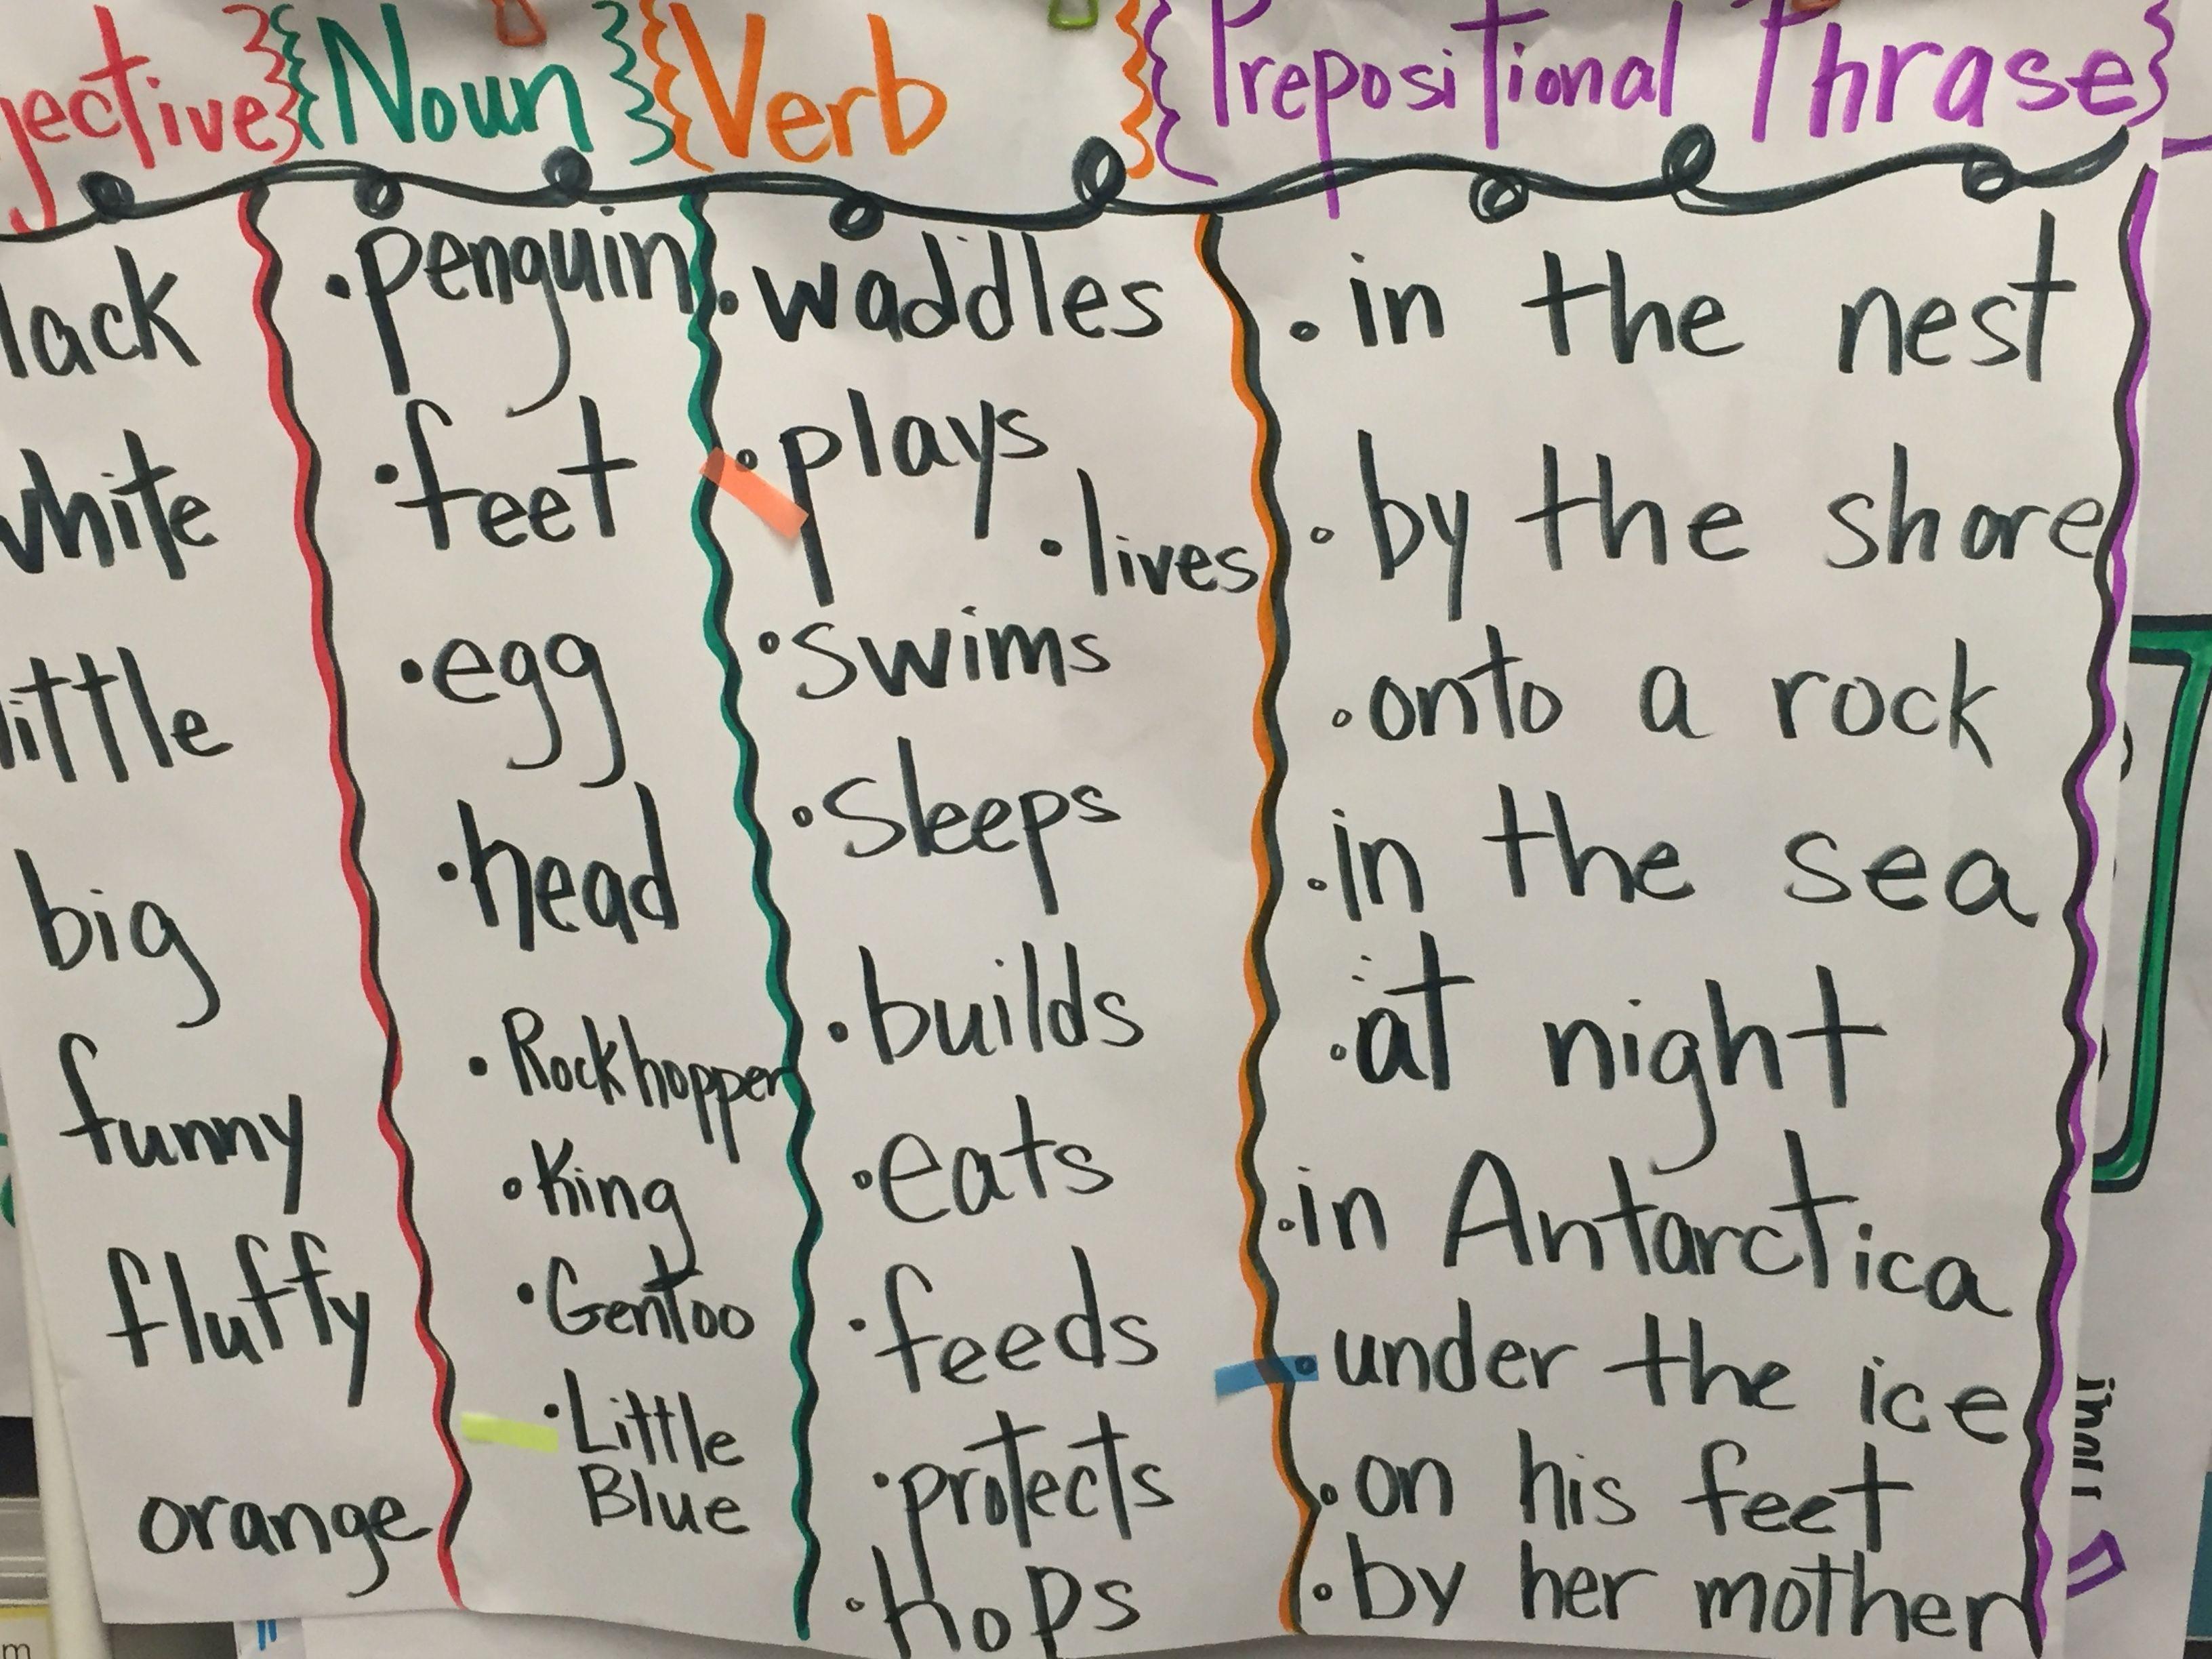 Adjective Noun Verb Prepositional Phrase Glad Sentence Poster